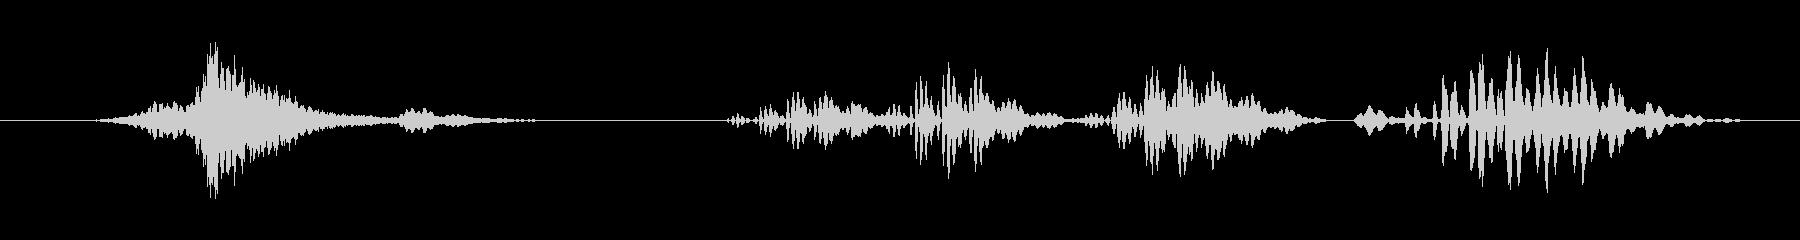 特撮 ガラガラ通知01の未再生の波形